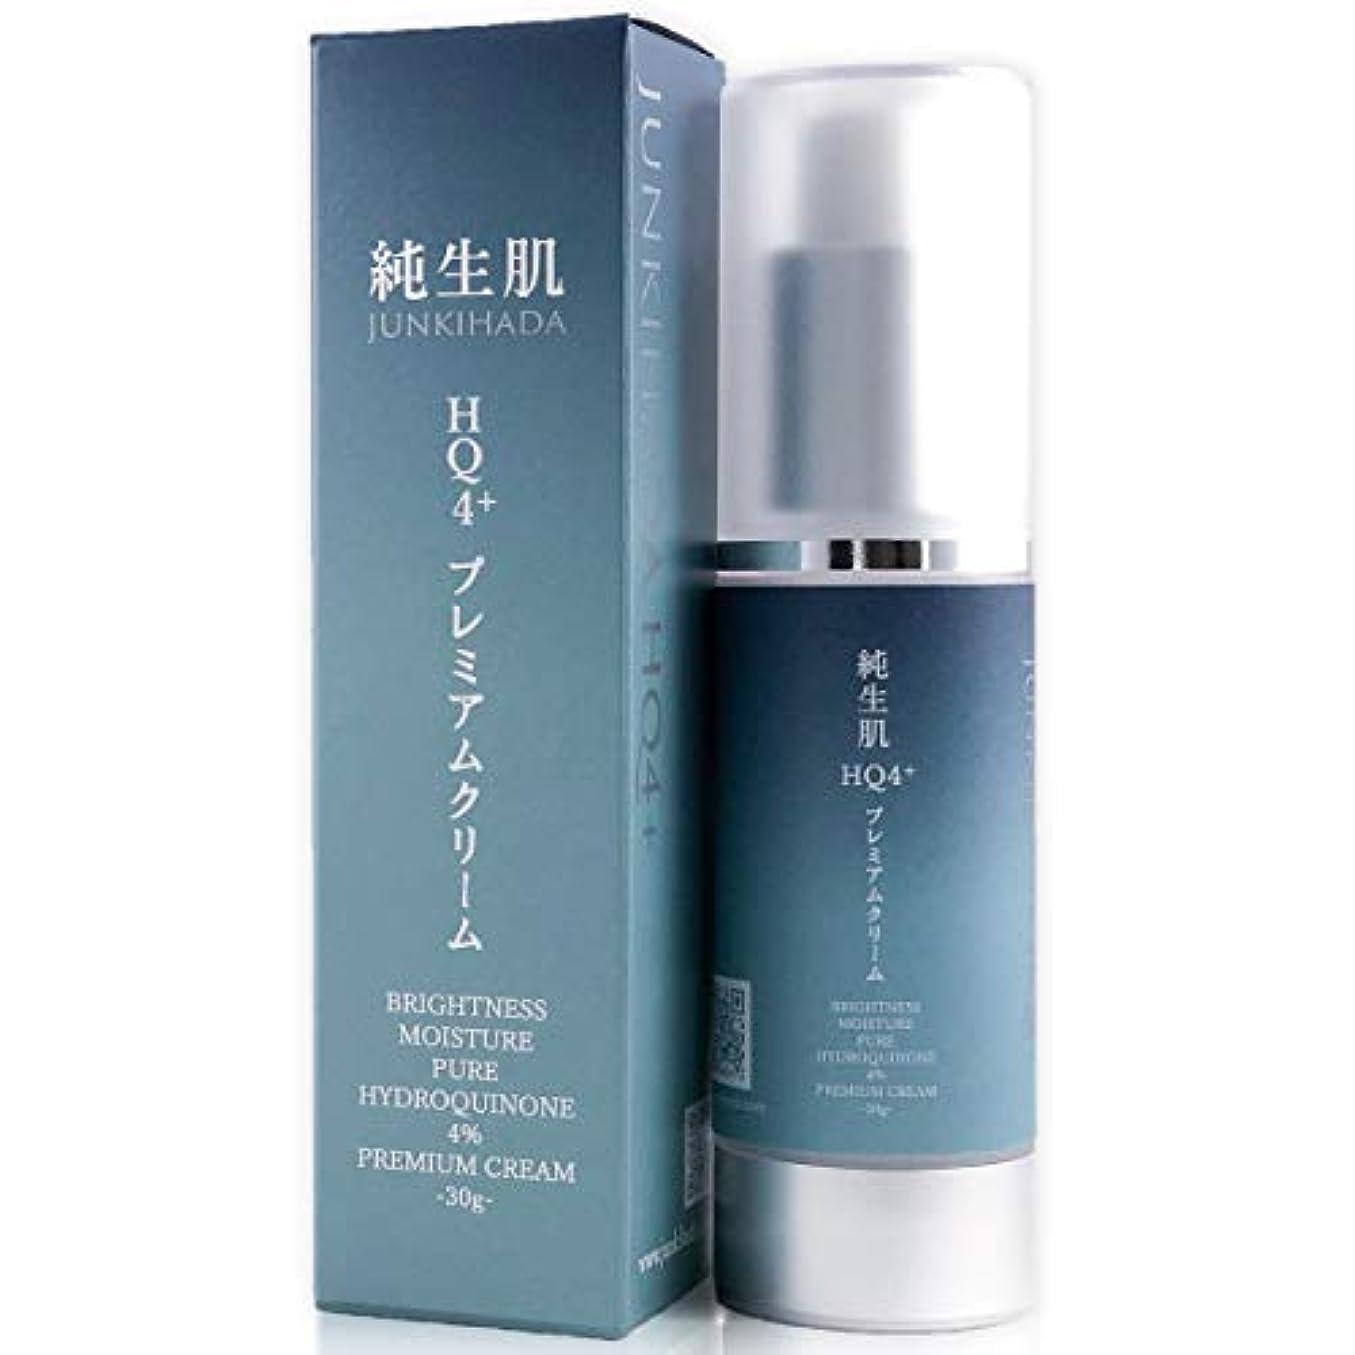 メトロポリタンすなわち認める[ジュンキハダ] 純生肌 ハイドロキノン4% 16種美容成分配合 HQ4+プレミアムクリーム 30g 冷蔵保存不要 エアレスボトル サロン処方採用 大容量 日本製 JUNKIHADA